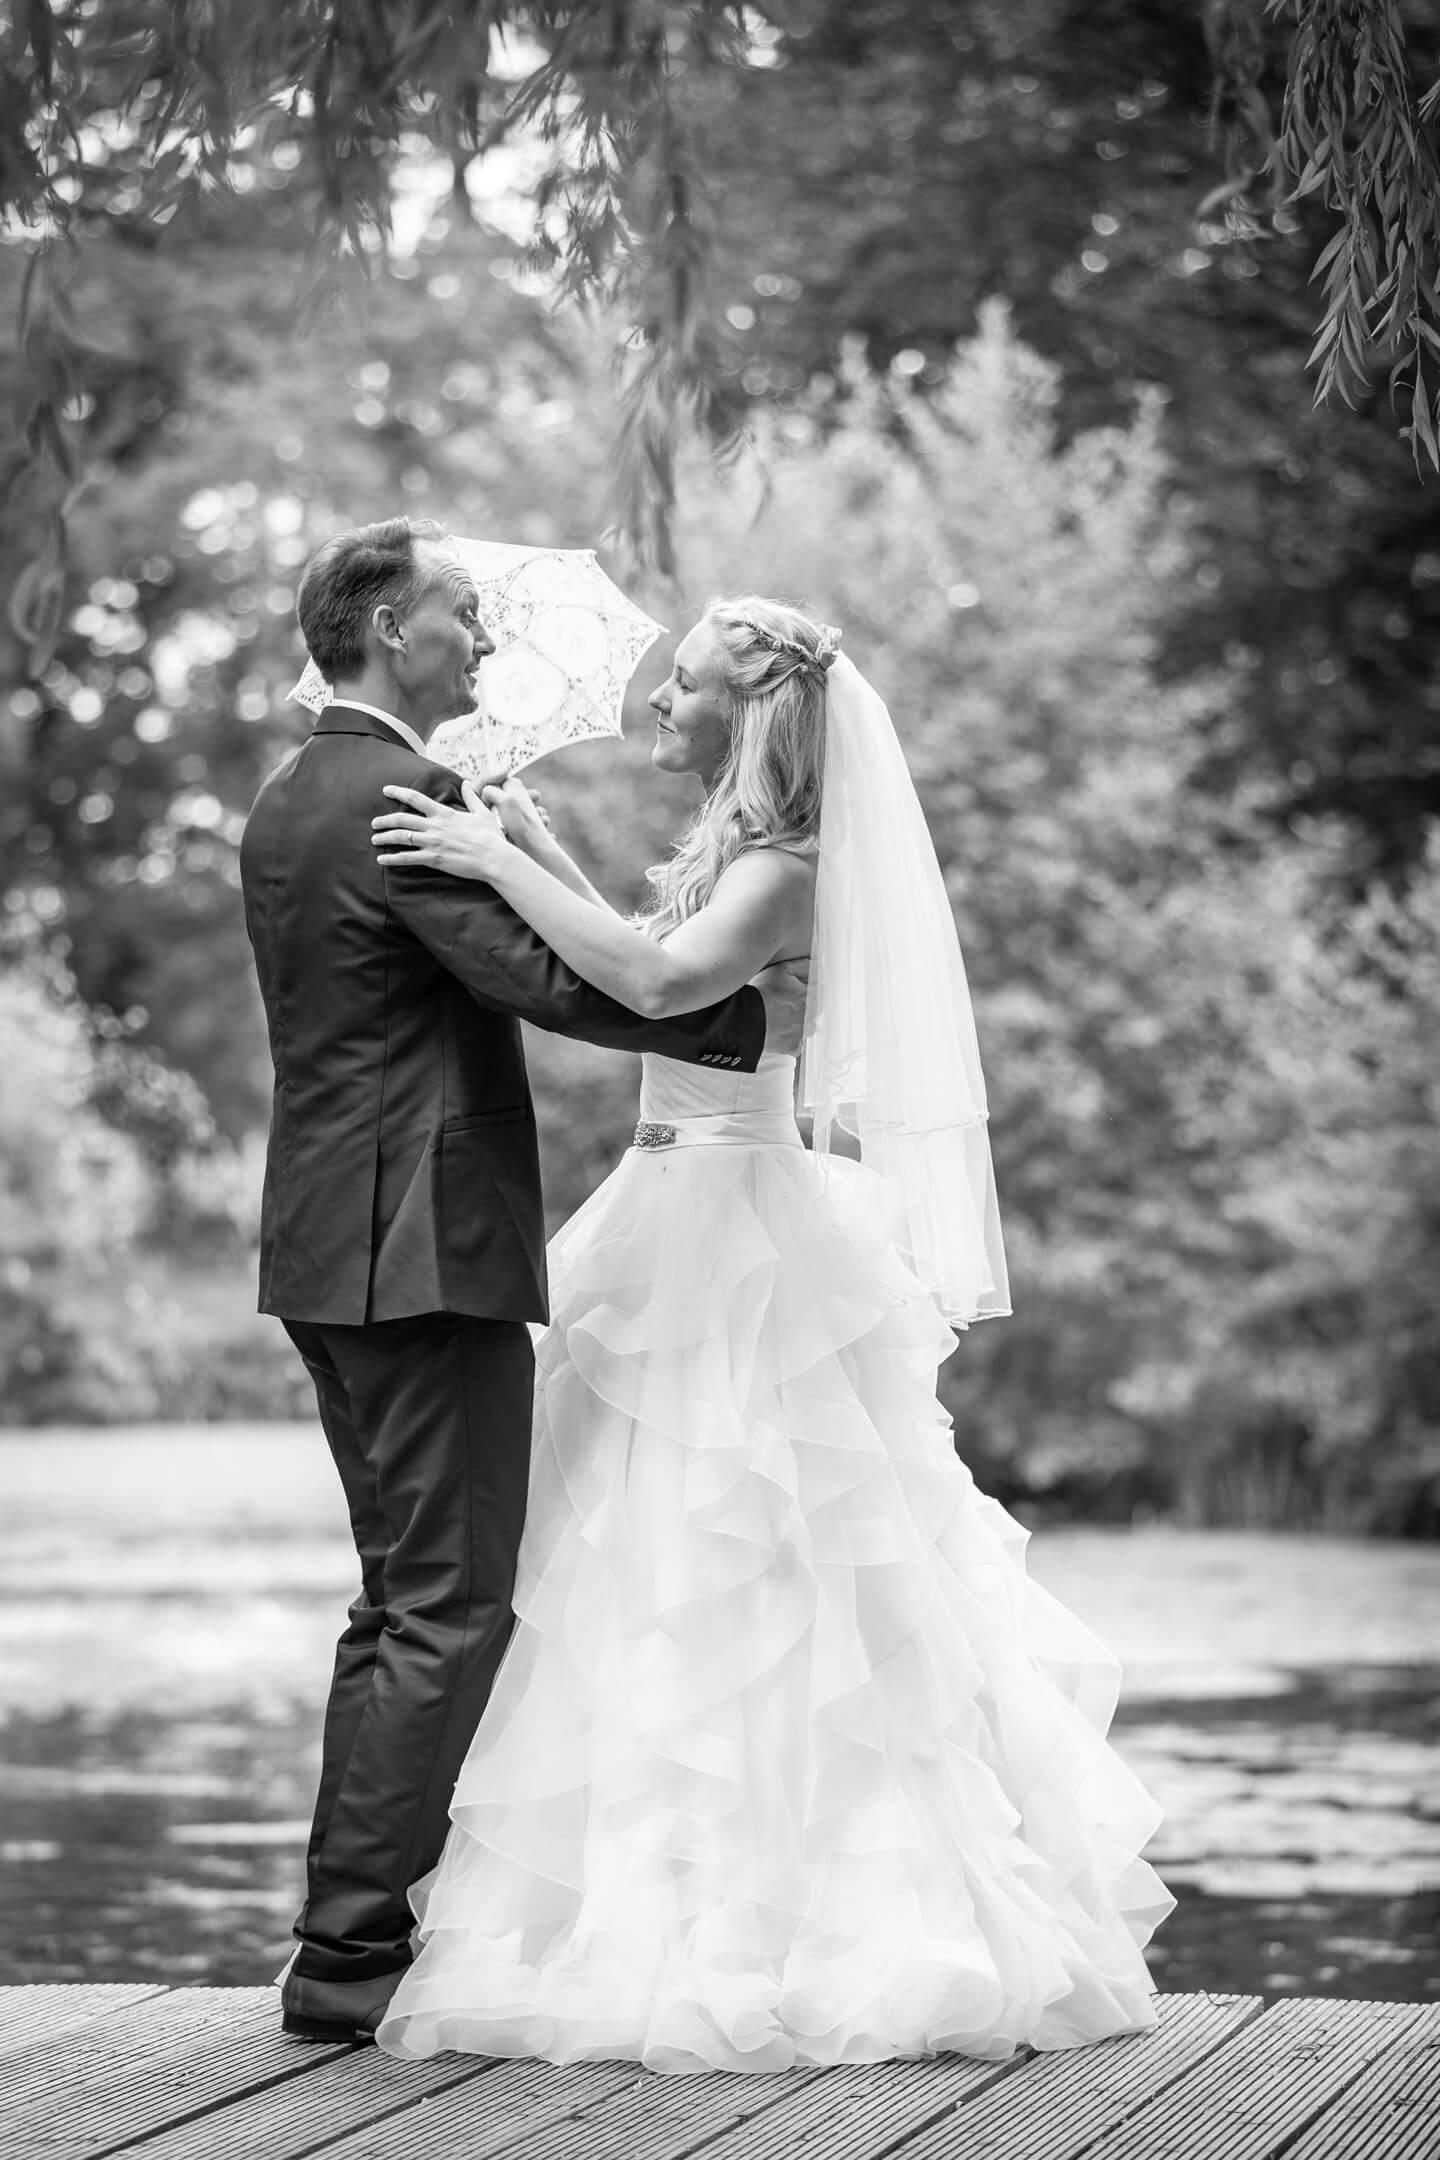 Tanzendes Hochzeitspaar im Schlosspark Tremsbüttel. Fotograf Florian Läufer